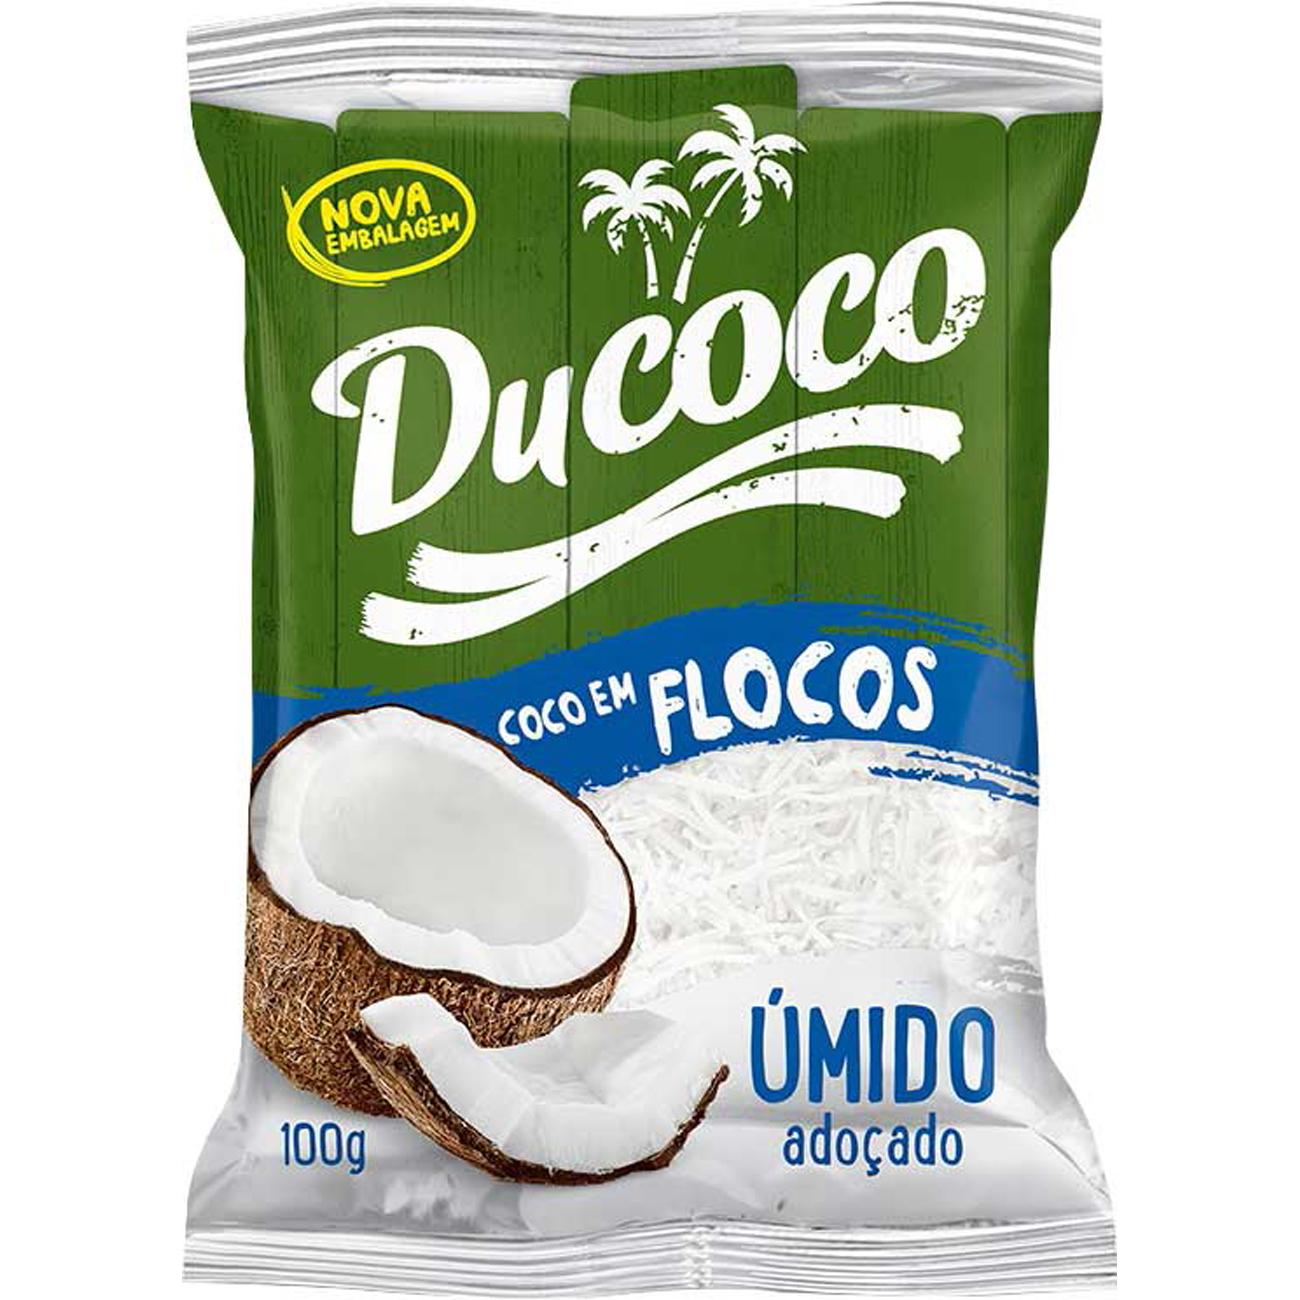 Coco Ralado em Flocos Ducoco Umido E Adocado 100G